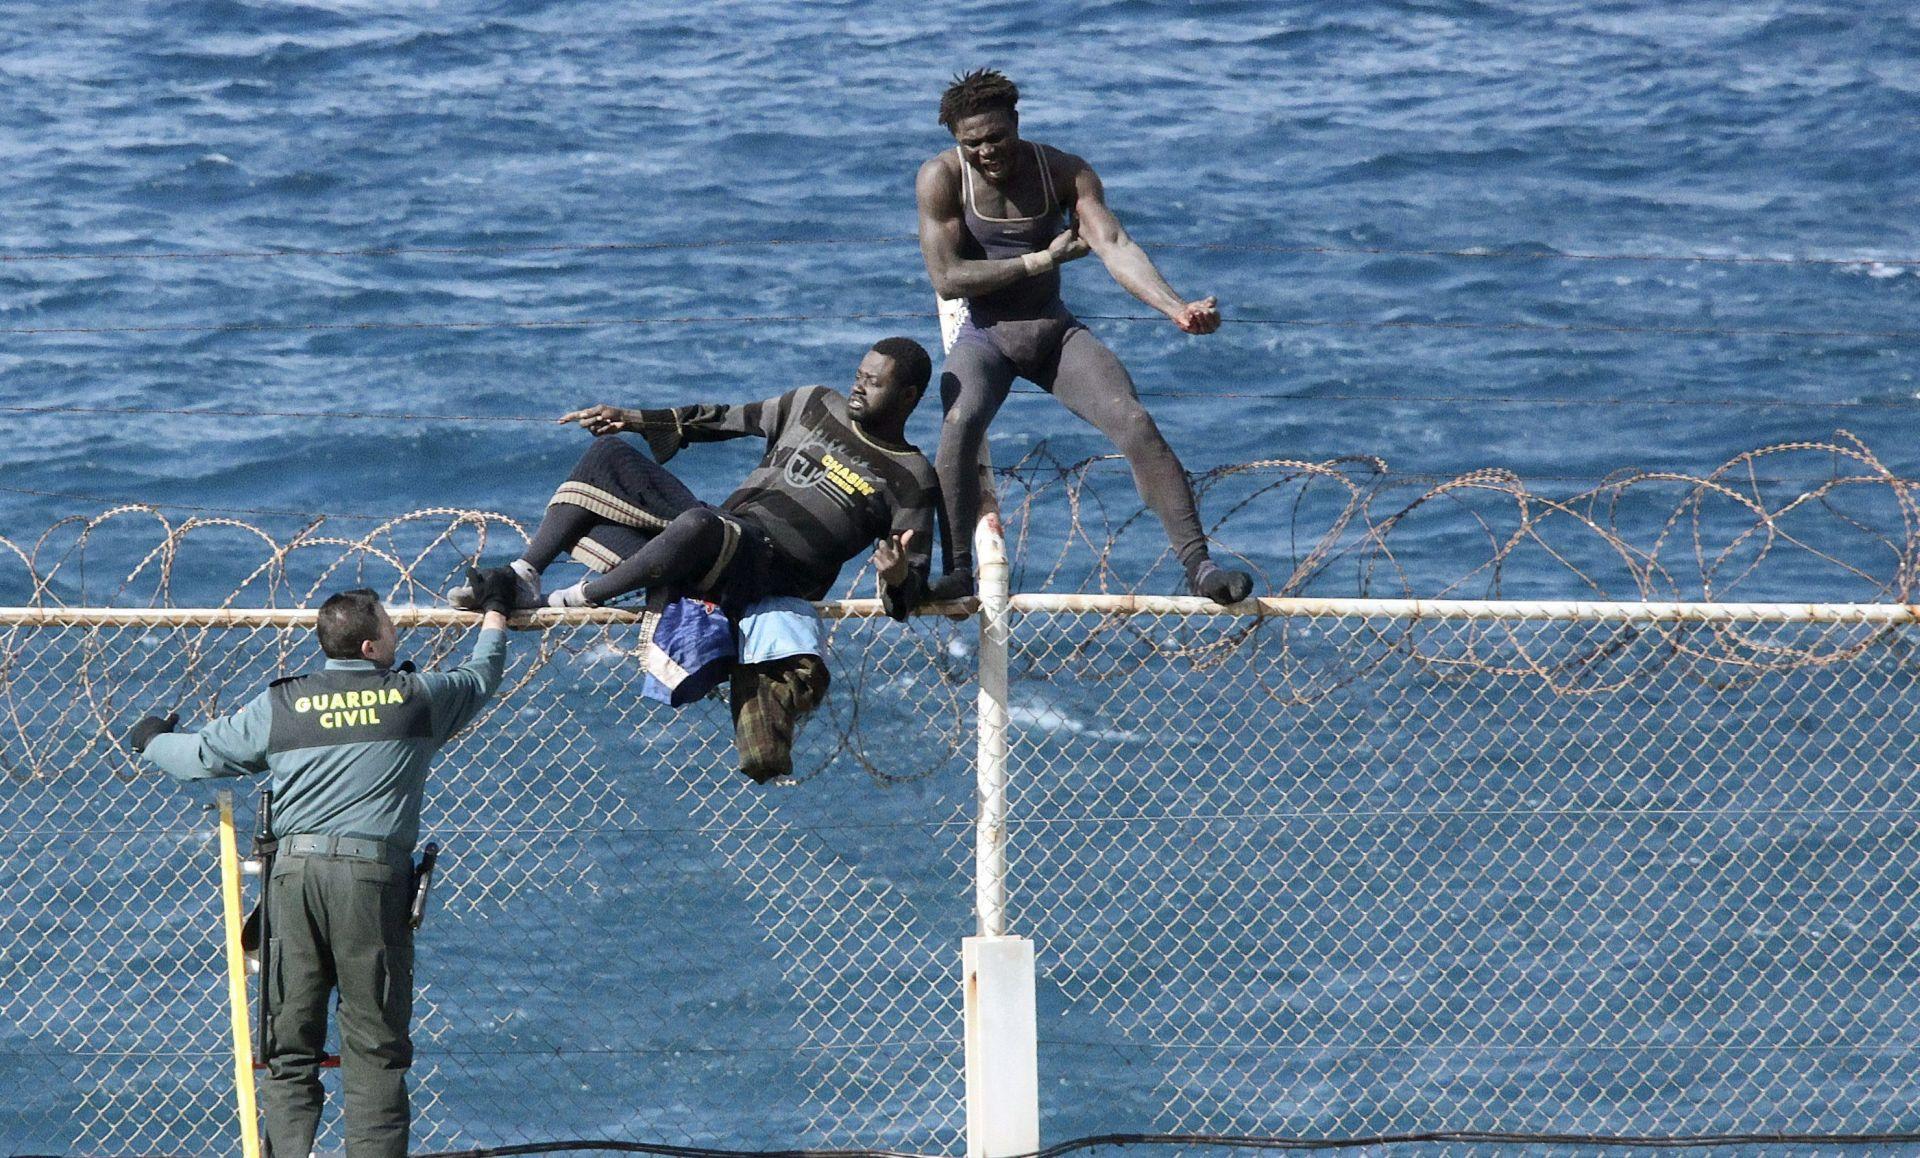 Tisuću migranata u Ceuti pokušalo probiti ograde - Nacional